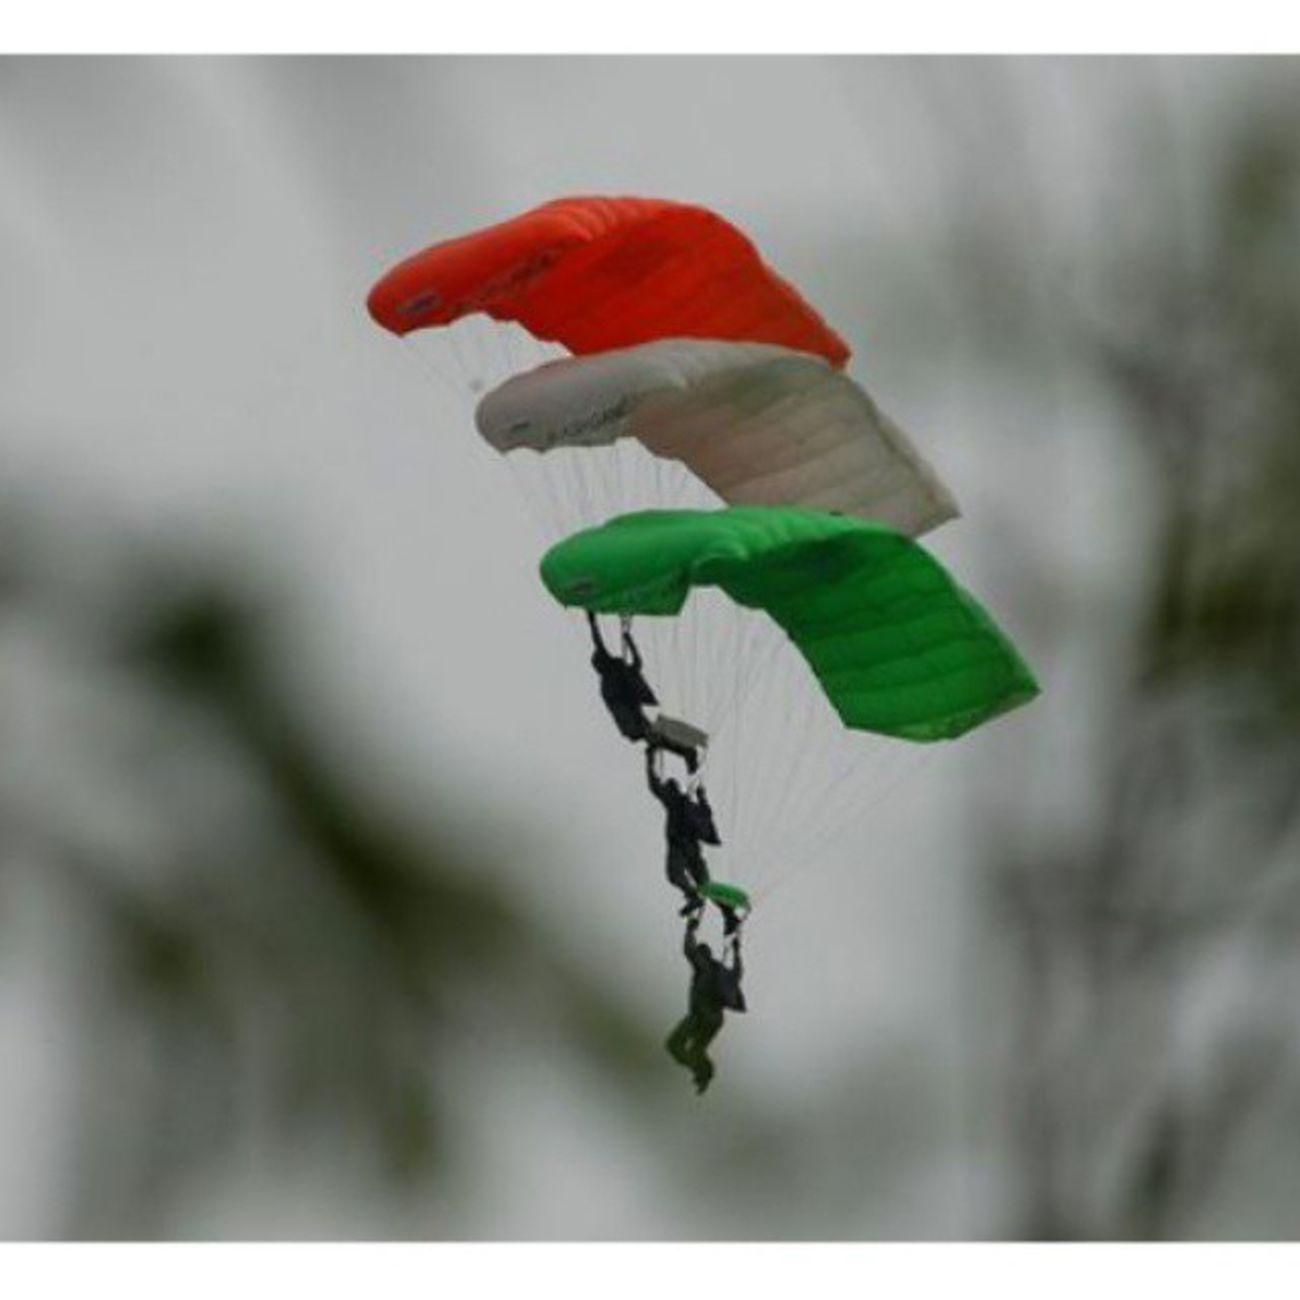 Tricolors ParaJumping Parachute AakashGanga Chennai